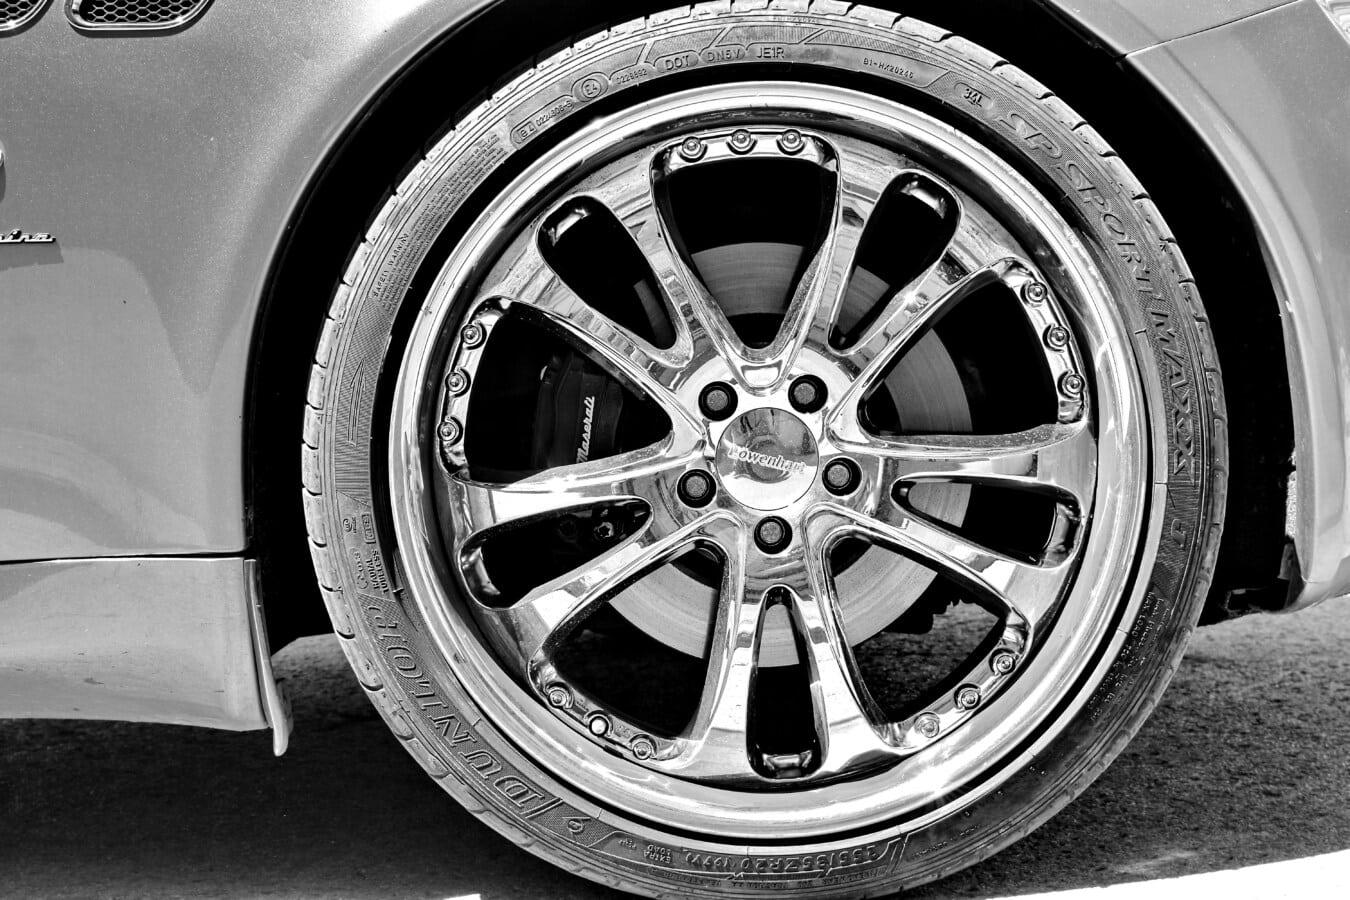 coûteux, brillante, voiture, jante, brillante, noir et blanc, en aluminium, pneu, luxe, roue